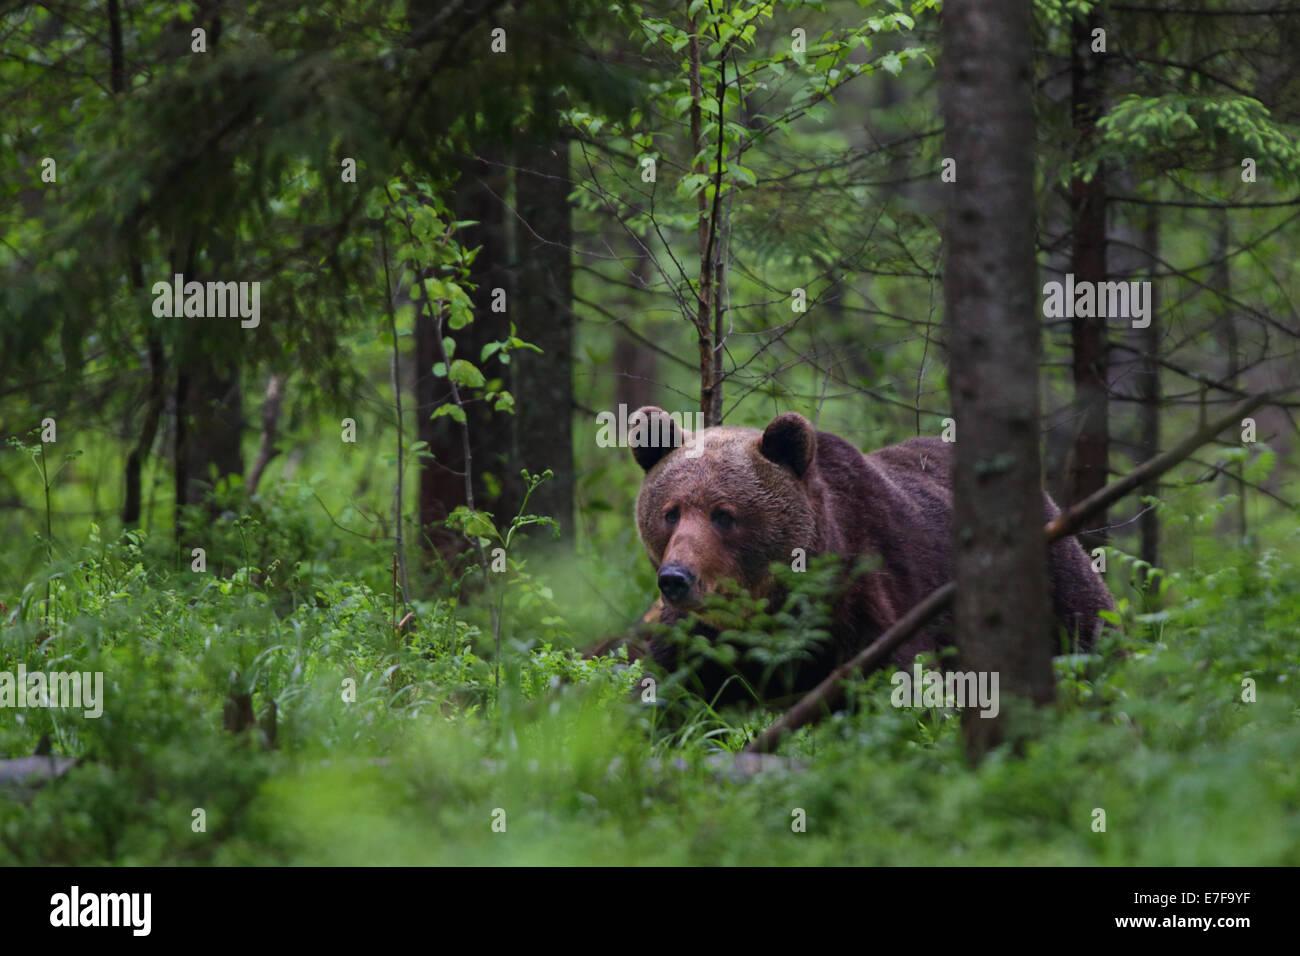 Brown bear (Ursus arctos) in Primeval forest. Europe, Estonia - Stock Image